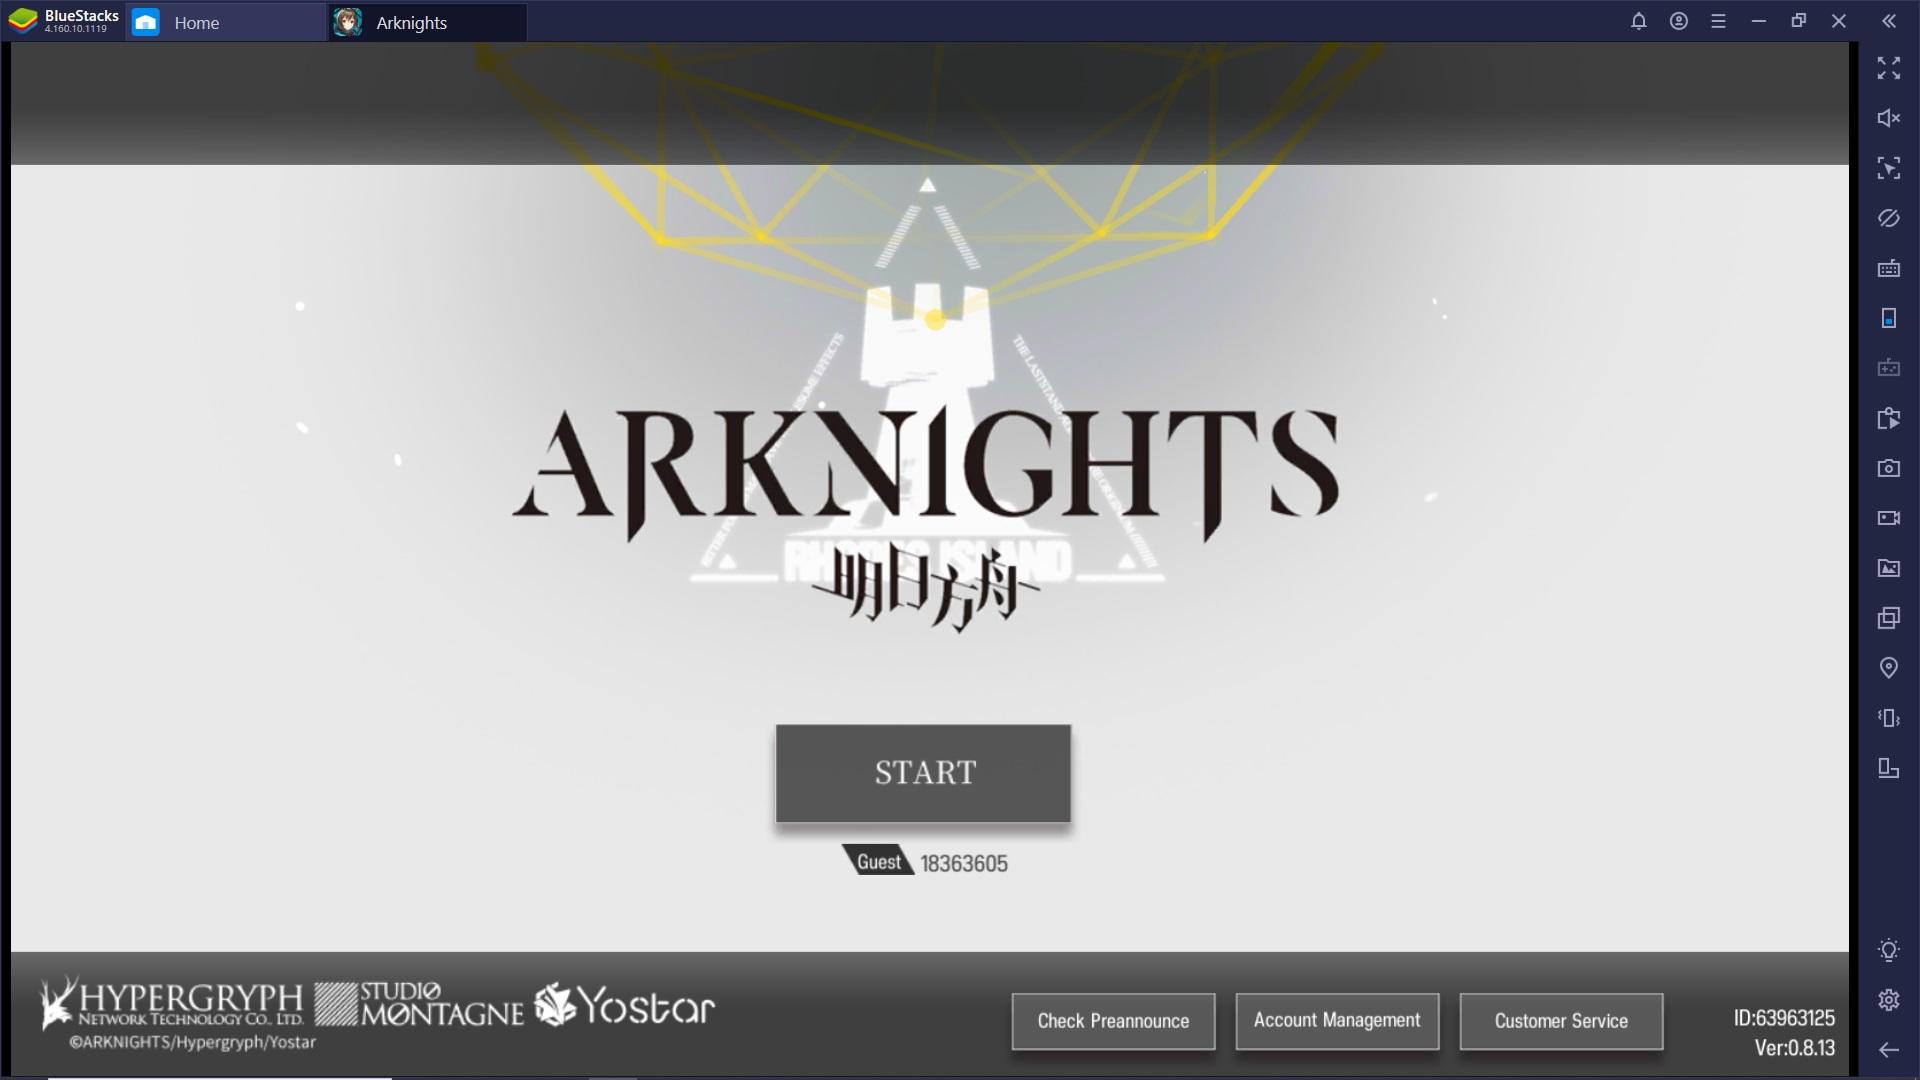 Arknights è disponibile su PC – Migliora la tua strategia con Bluestacks!